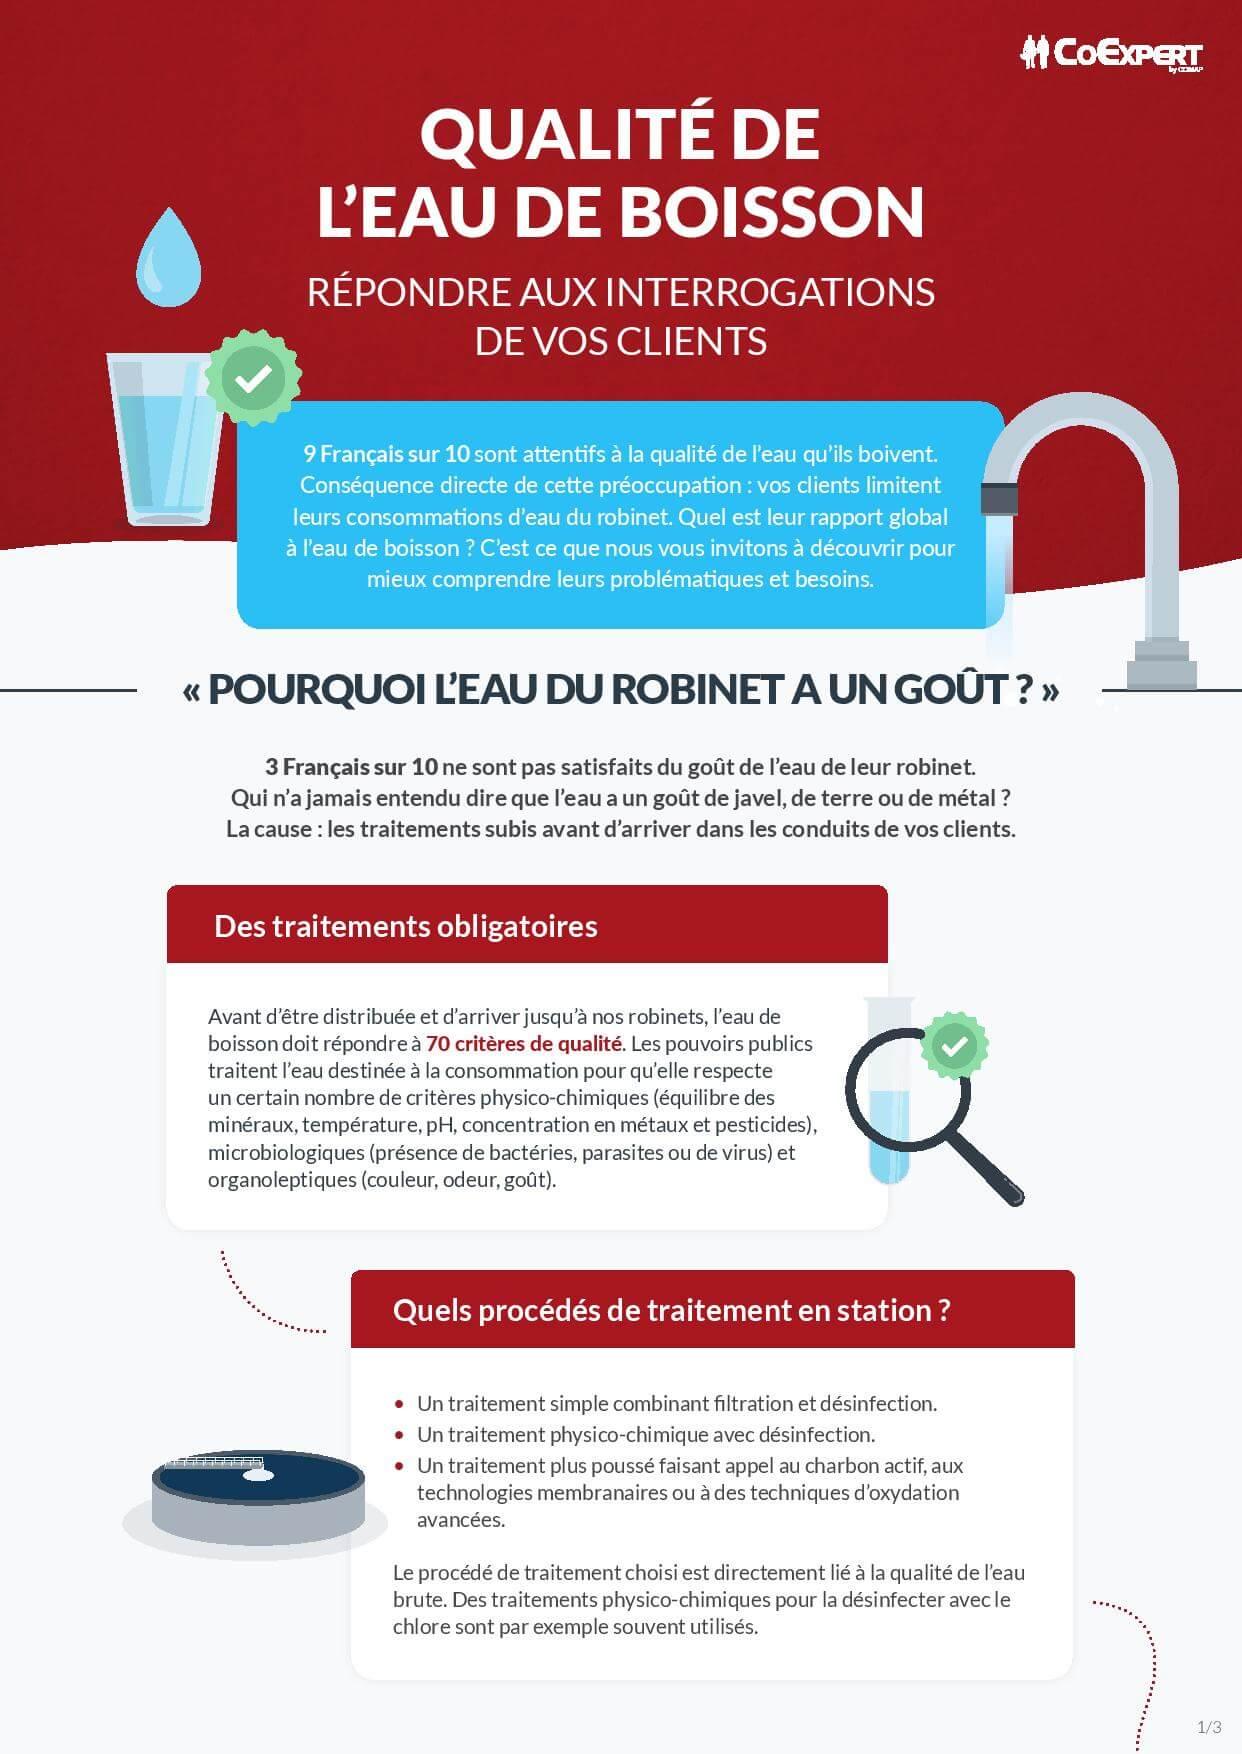 COMAP – Ce que disent vos clients de l'eau de boisson